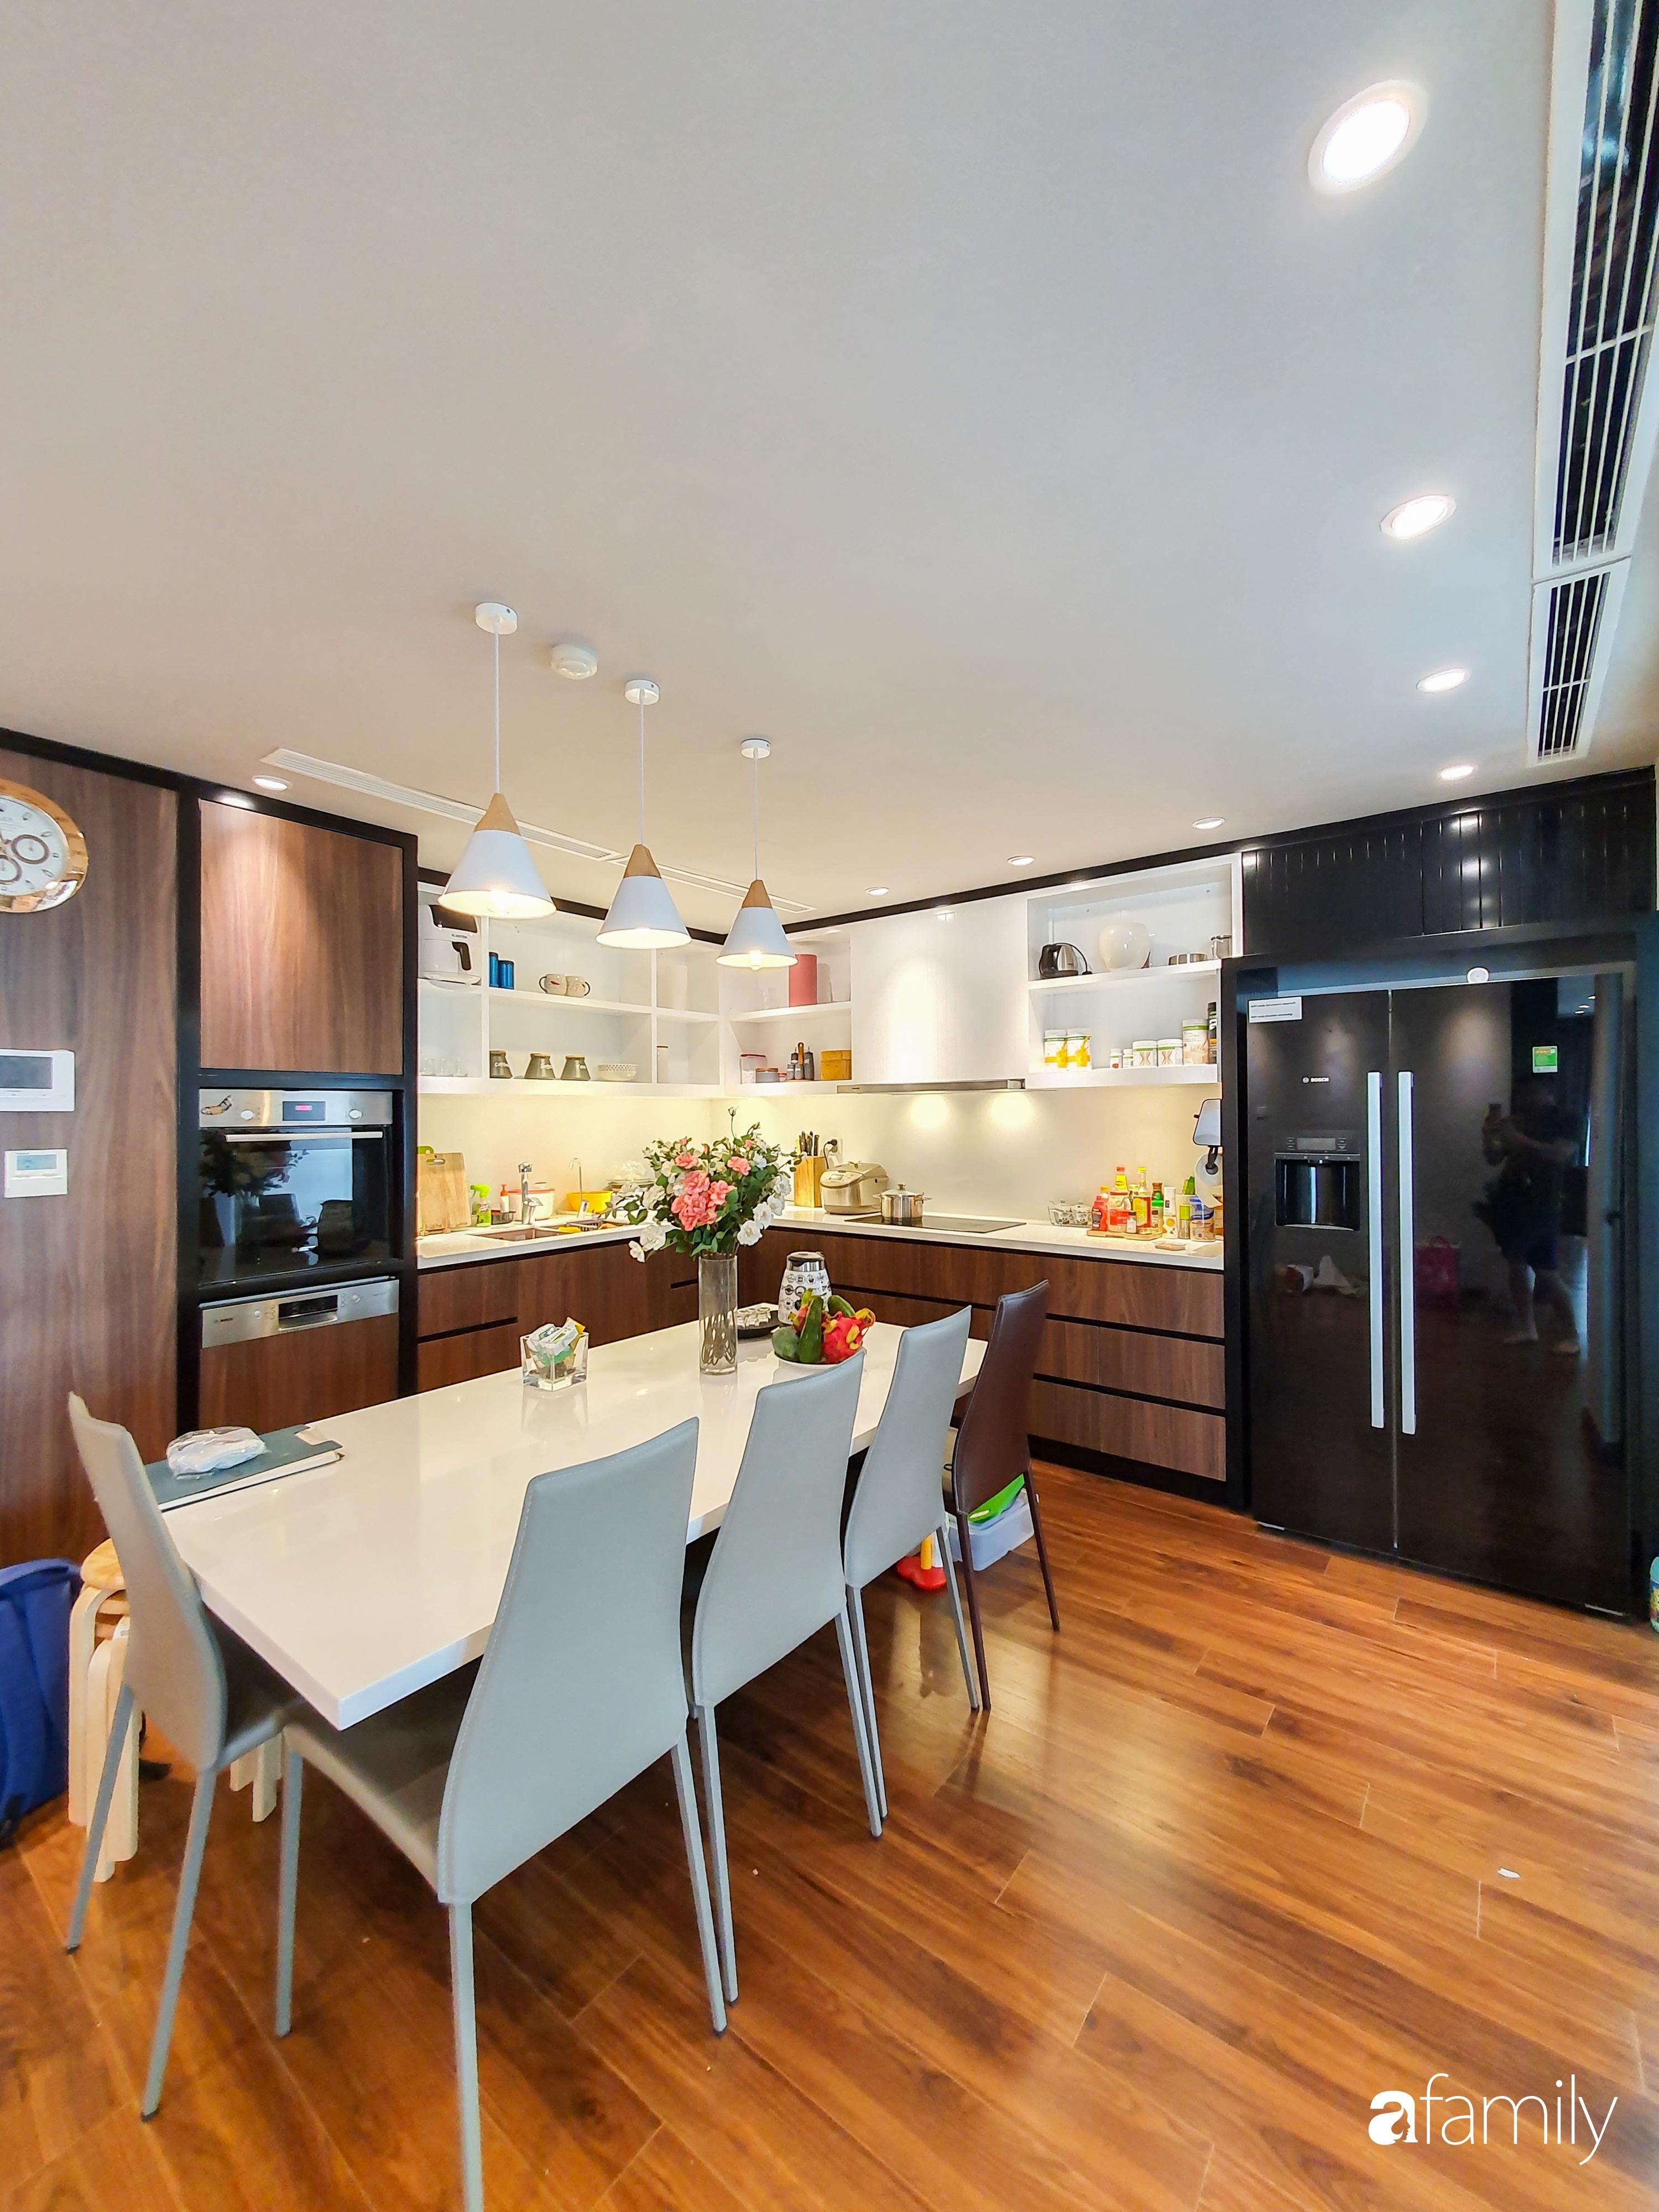 """Căn hộ 150m² có view đắt giá cùng cách thiết kế nội thất """"chanh xả"""" với chi phí khủng 850 triệu đồng ở ngoại thành Hà Nội - Ảnh 12."""